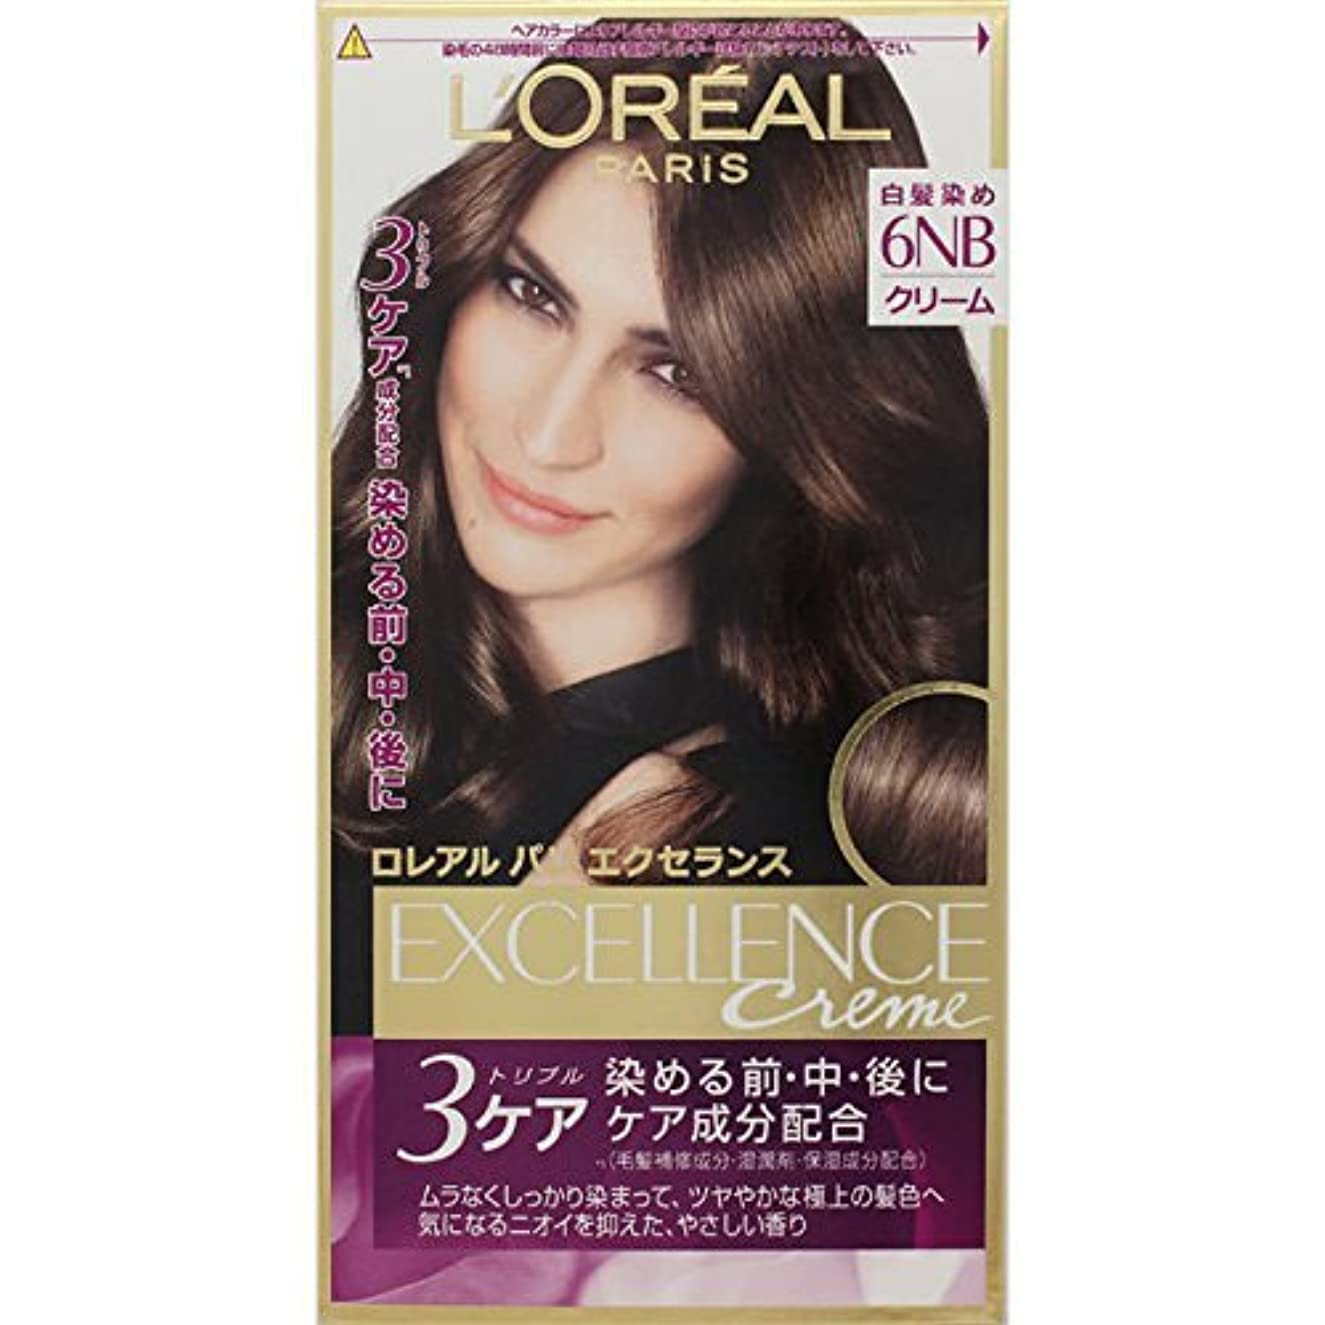 へこみ音声学間違いロレアル パリ ヘアカラー 白髪染め エクセランス N クリームタイプ 6NB やや明るい自然な栗色